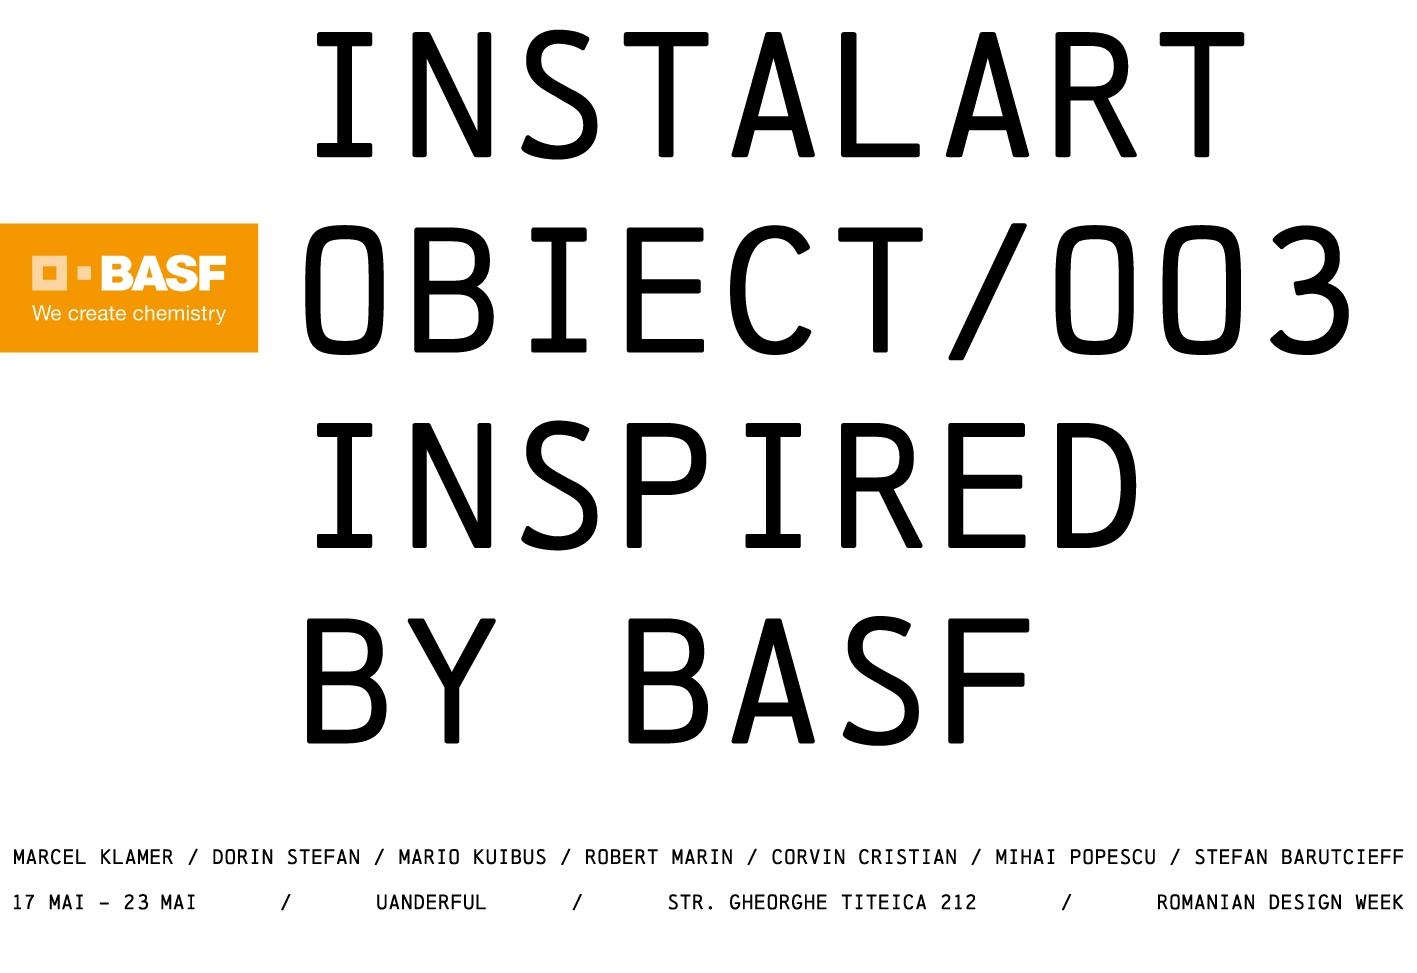 Șapte stele Instalart pe scena Romanian Design Week